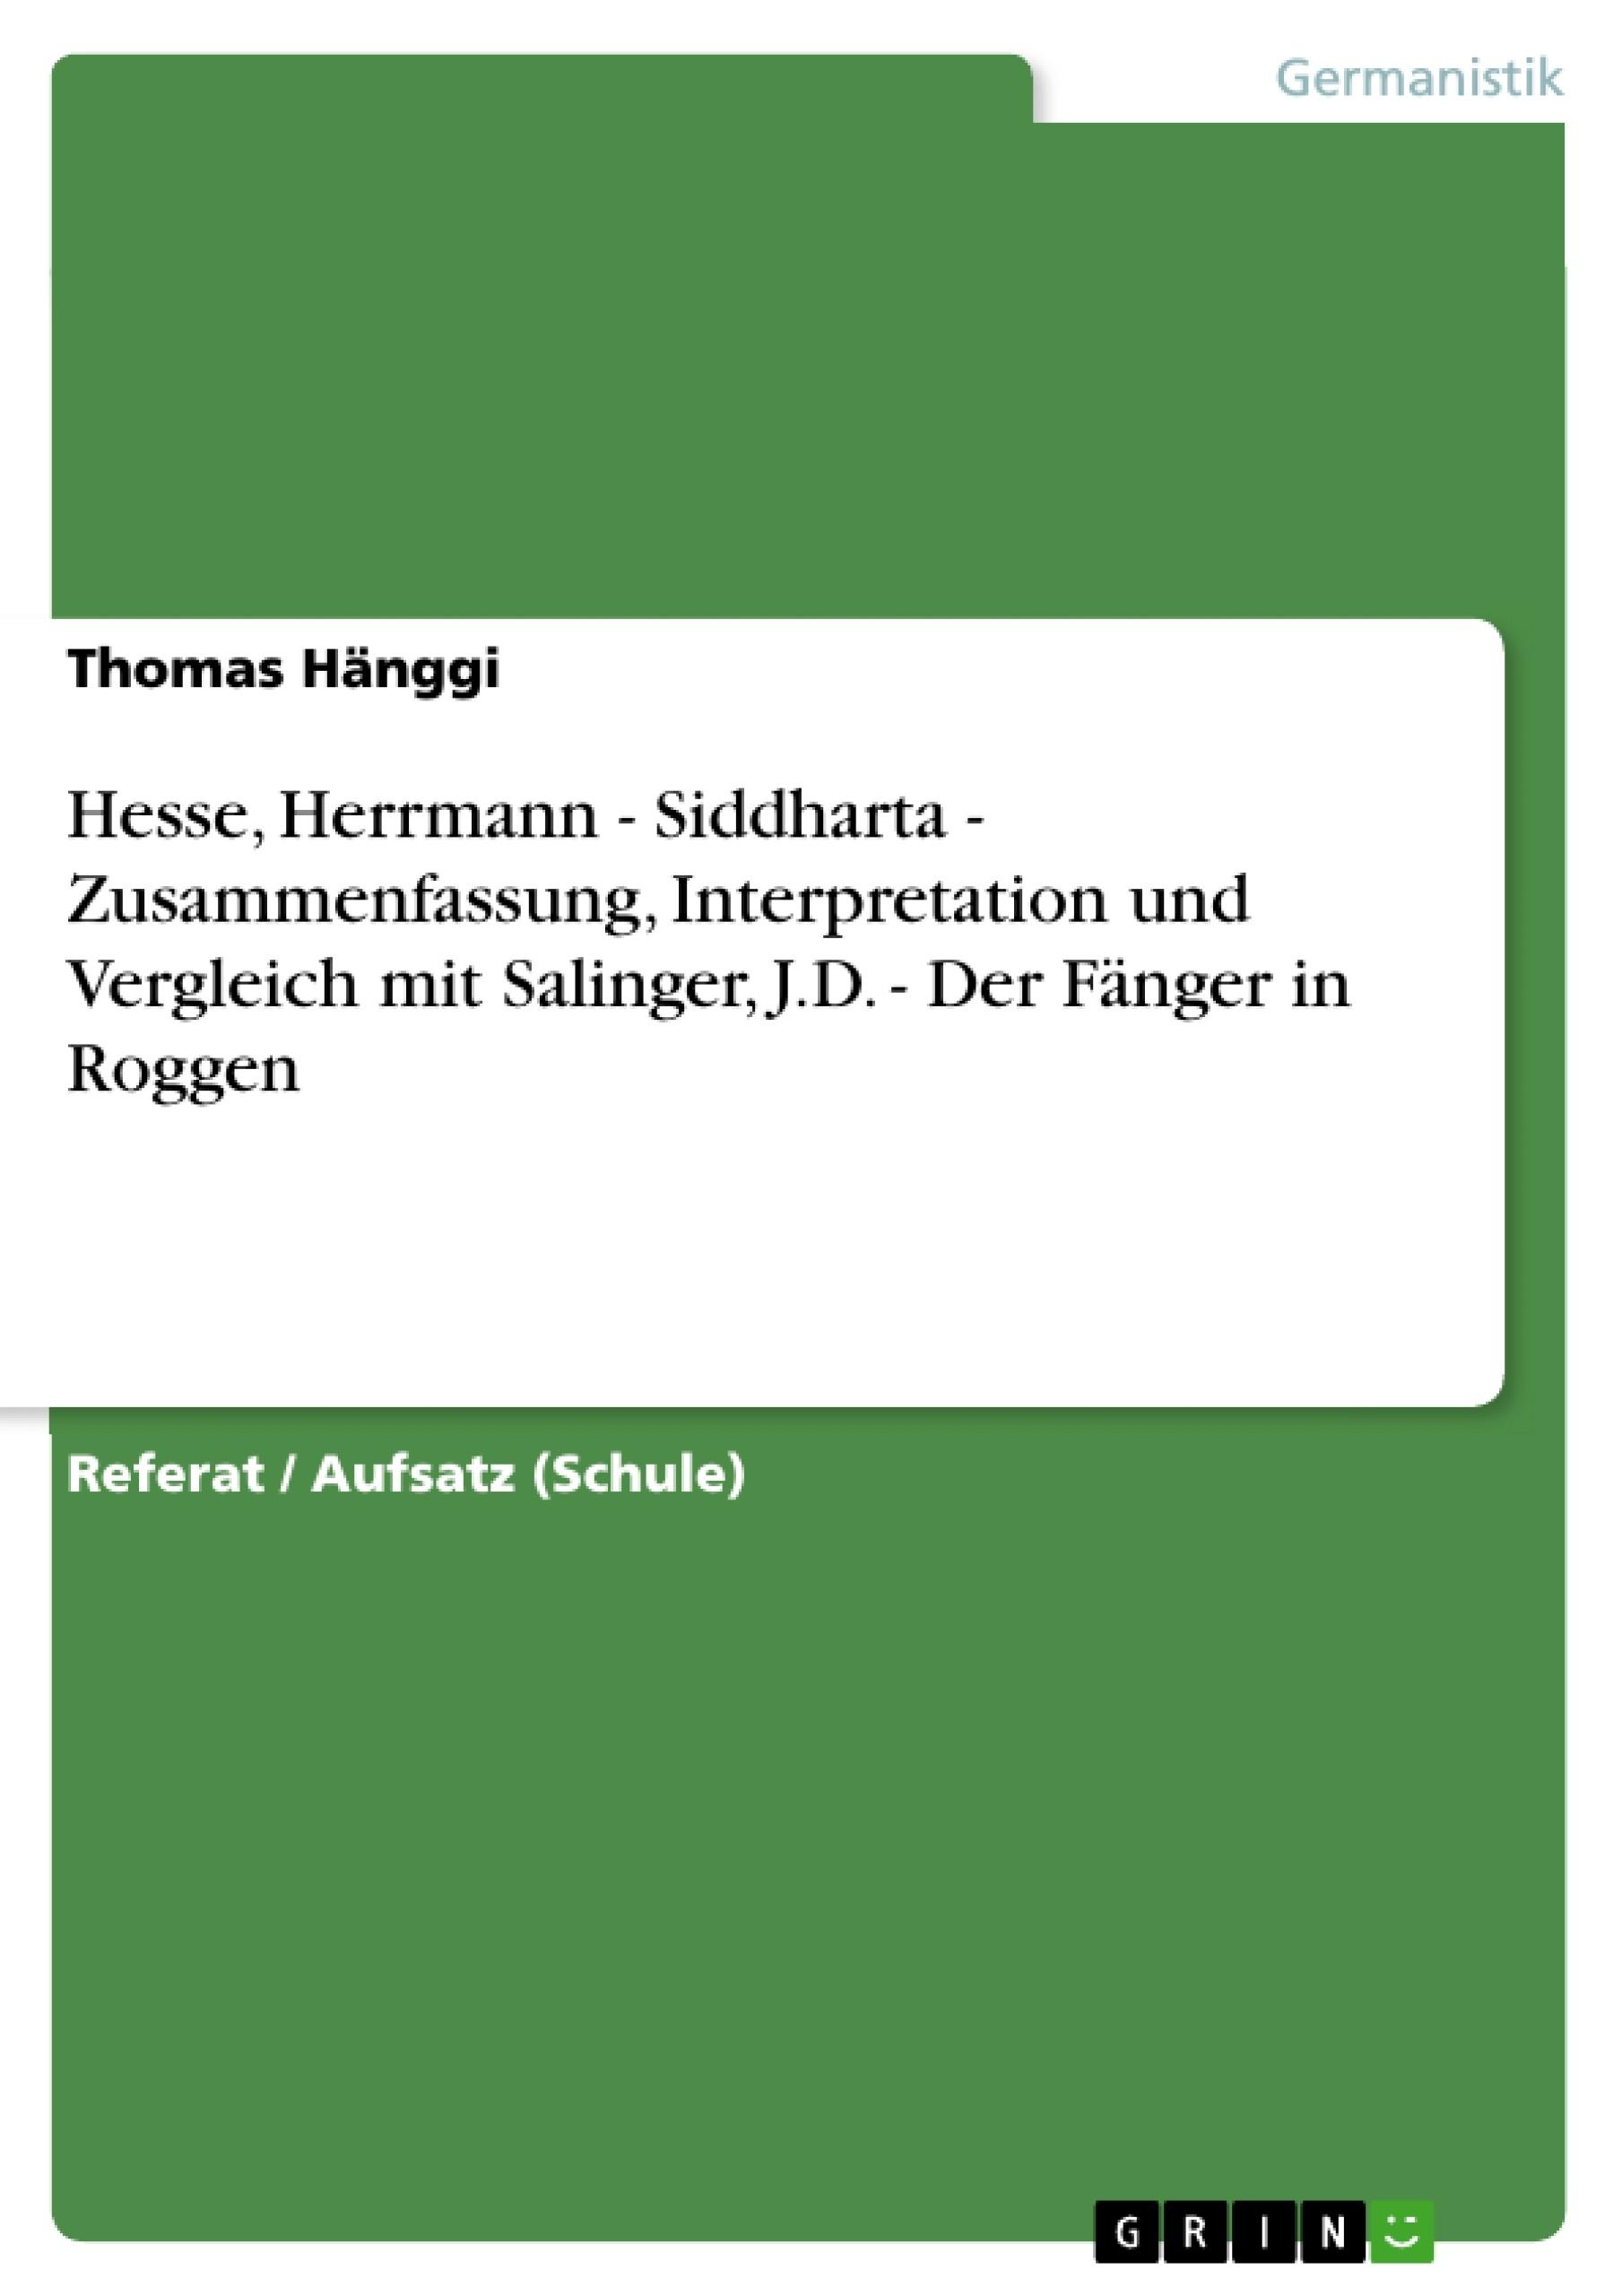 Titel: Hesse, Herrmann - Siddharta -  Zusammenfassung, Interpretation und Vergleich mit Salinger, J.D. - Der Fänger in Roggen